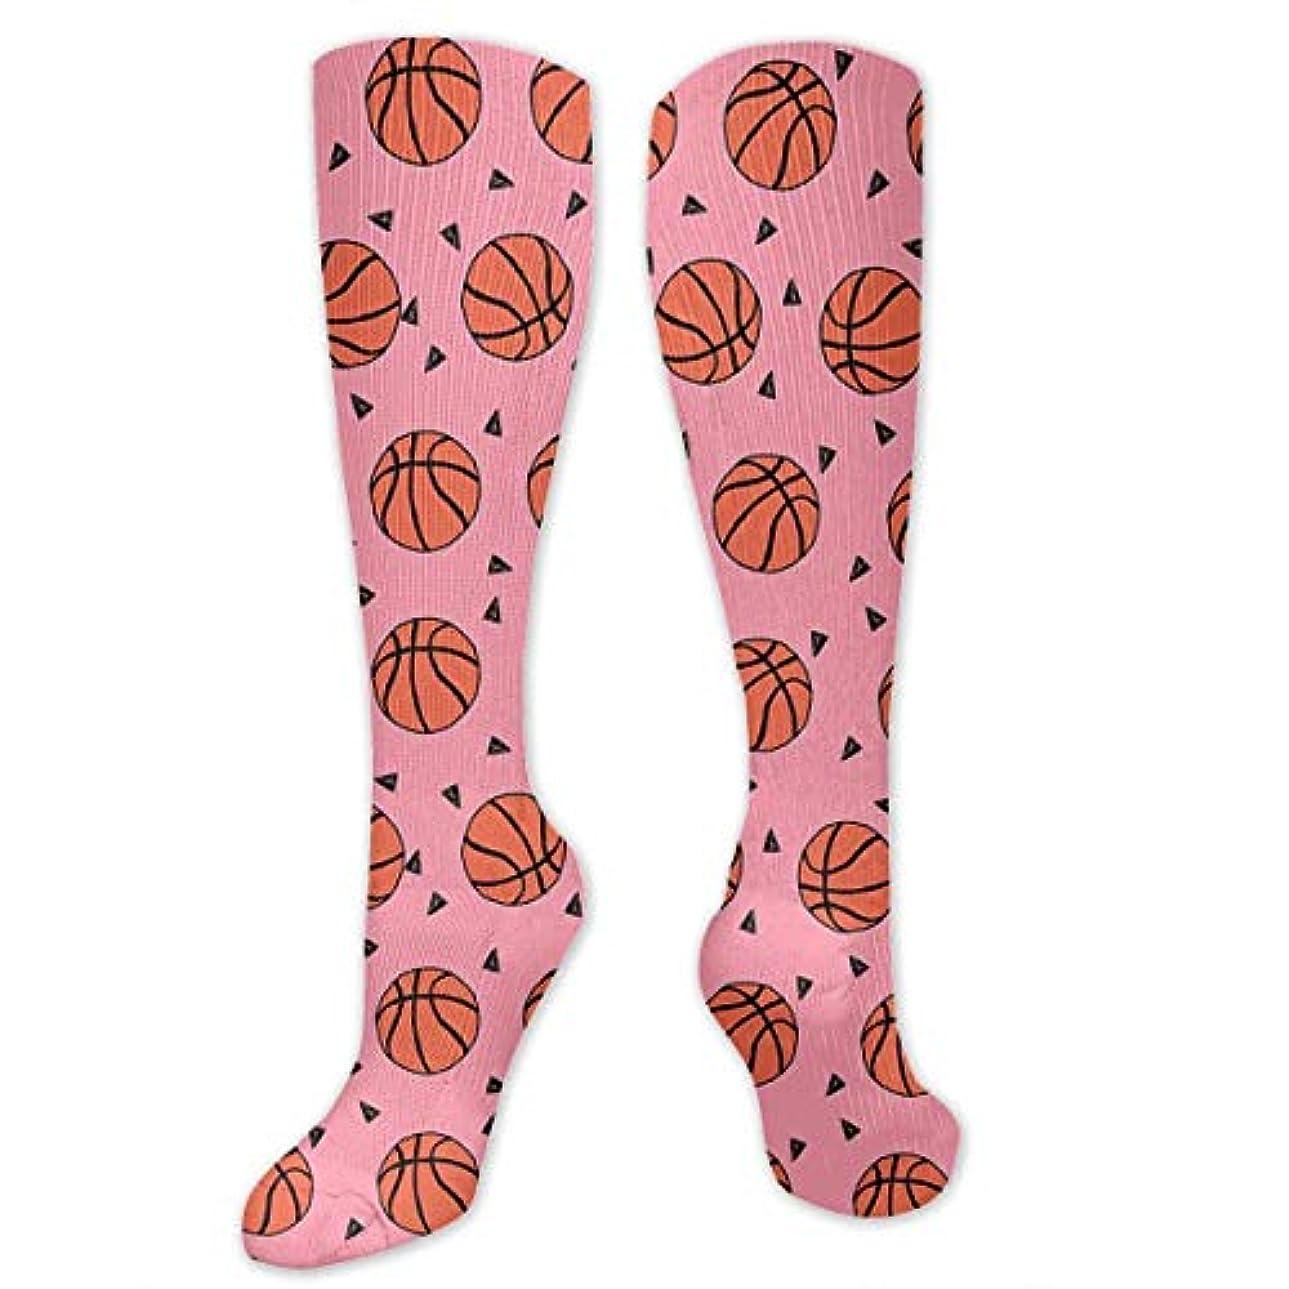 靴下いま農村靴下,ストッキング,野生のジョーカー,実際,秋の本質,冬必須,サマーウェア&RBXAA Sports Basketball Socks Women's Winter Cotton Long Tube Socks Cotton...